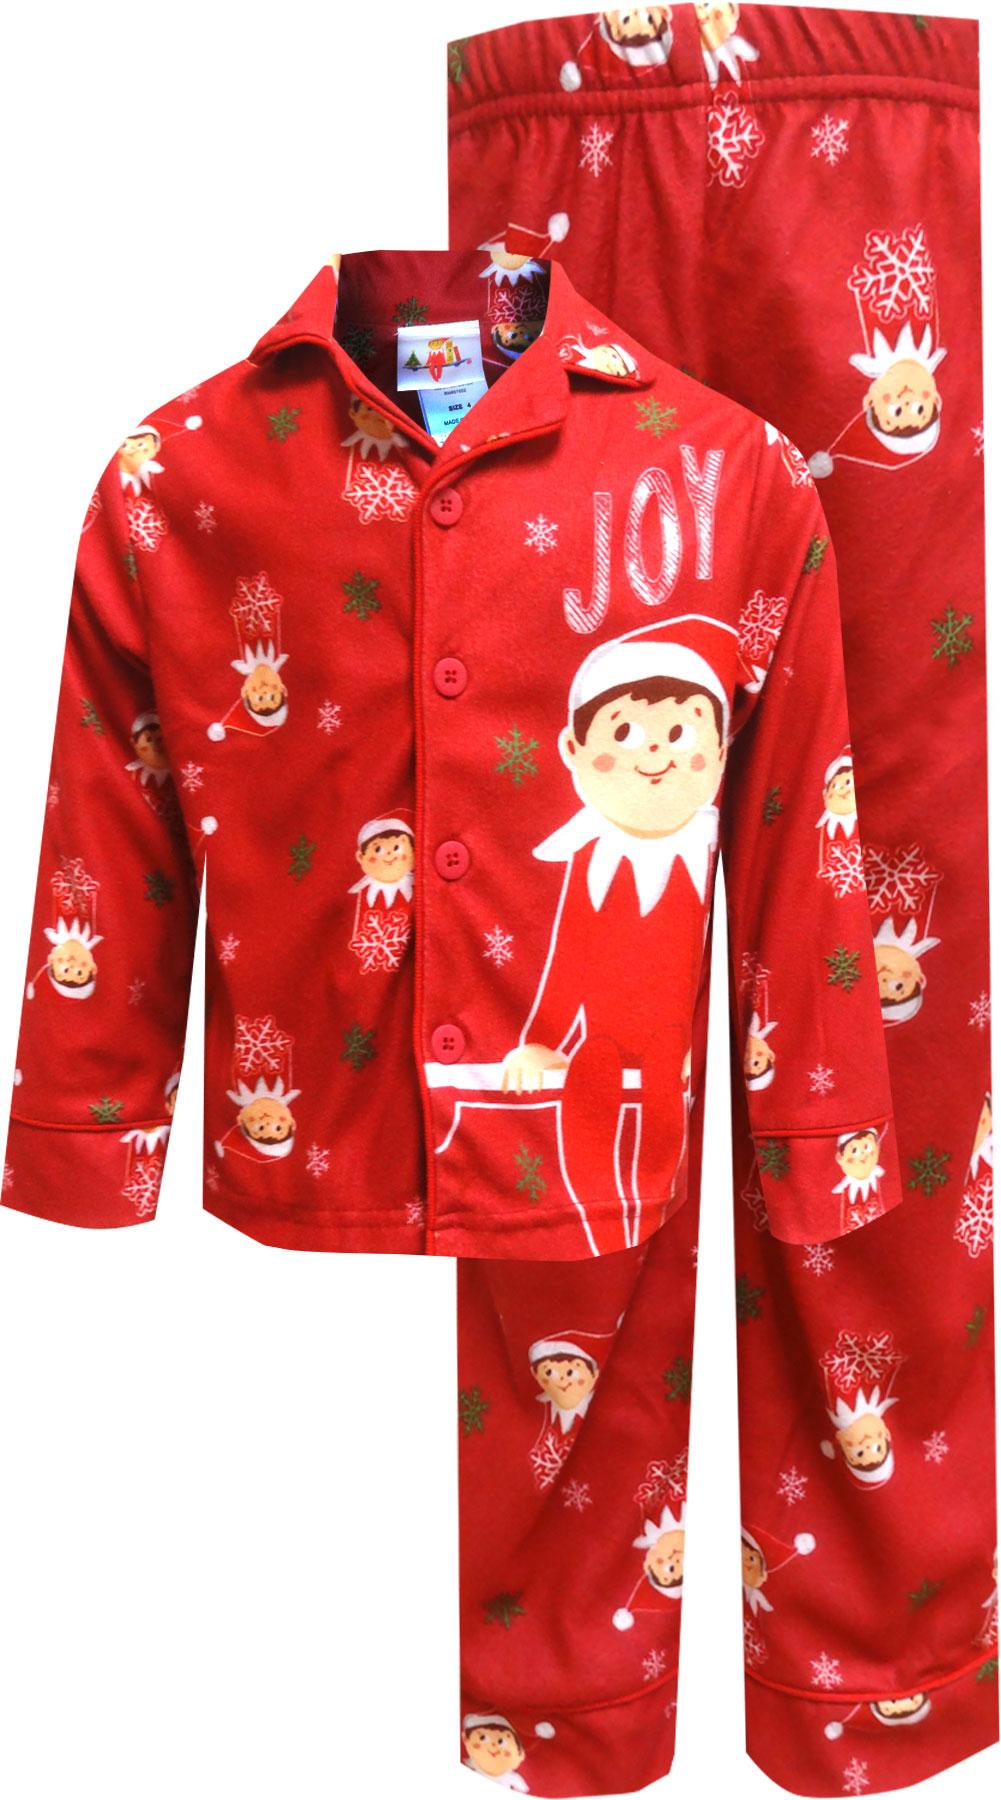 Image of Elf on the Shelf Red Christmas Pajamas for boys